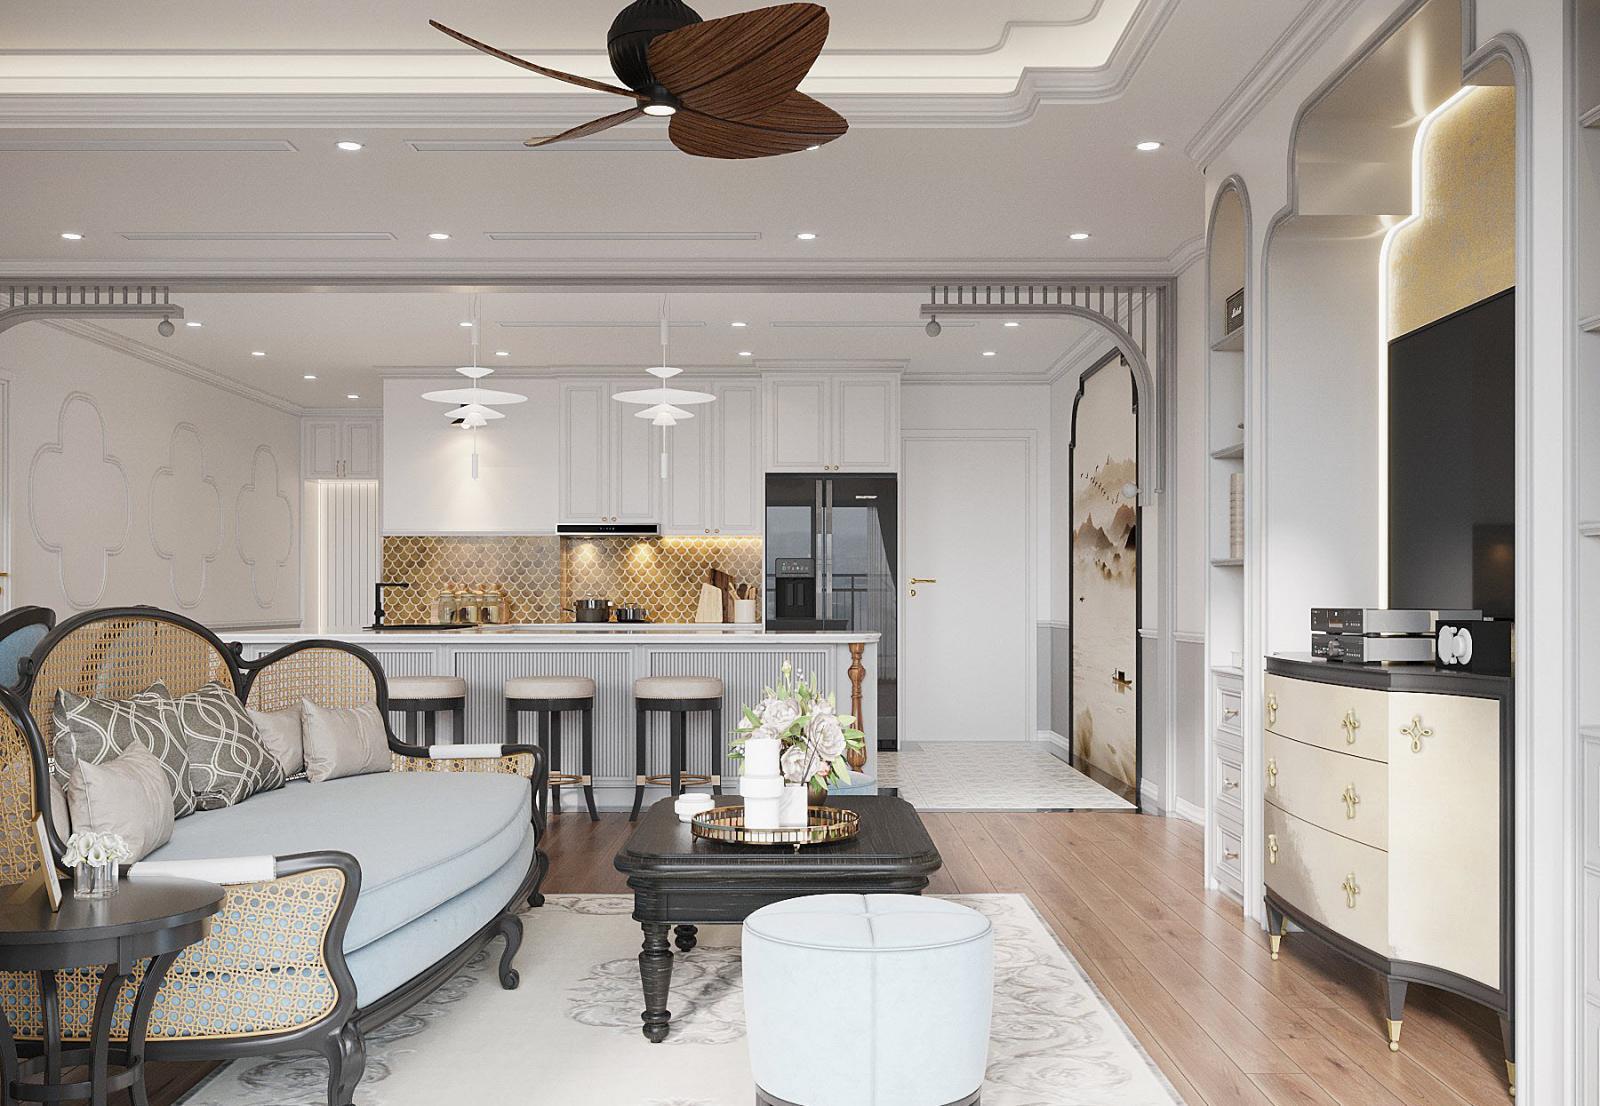 Đối diện khu vực tiếp khách là không gian quầy bar và bếp tiện nghi, sang trọng. Sắc trắng chủ đạo làm phông nền cho nội thất nâu gỗ, đen cá tính thêm phần nổi bật.